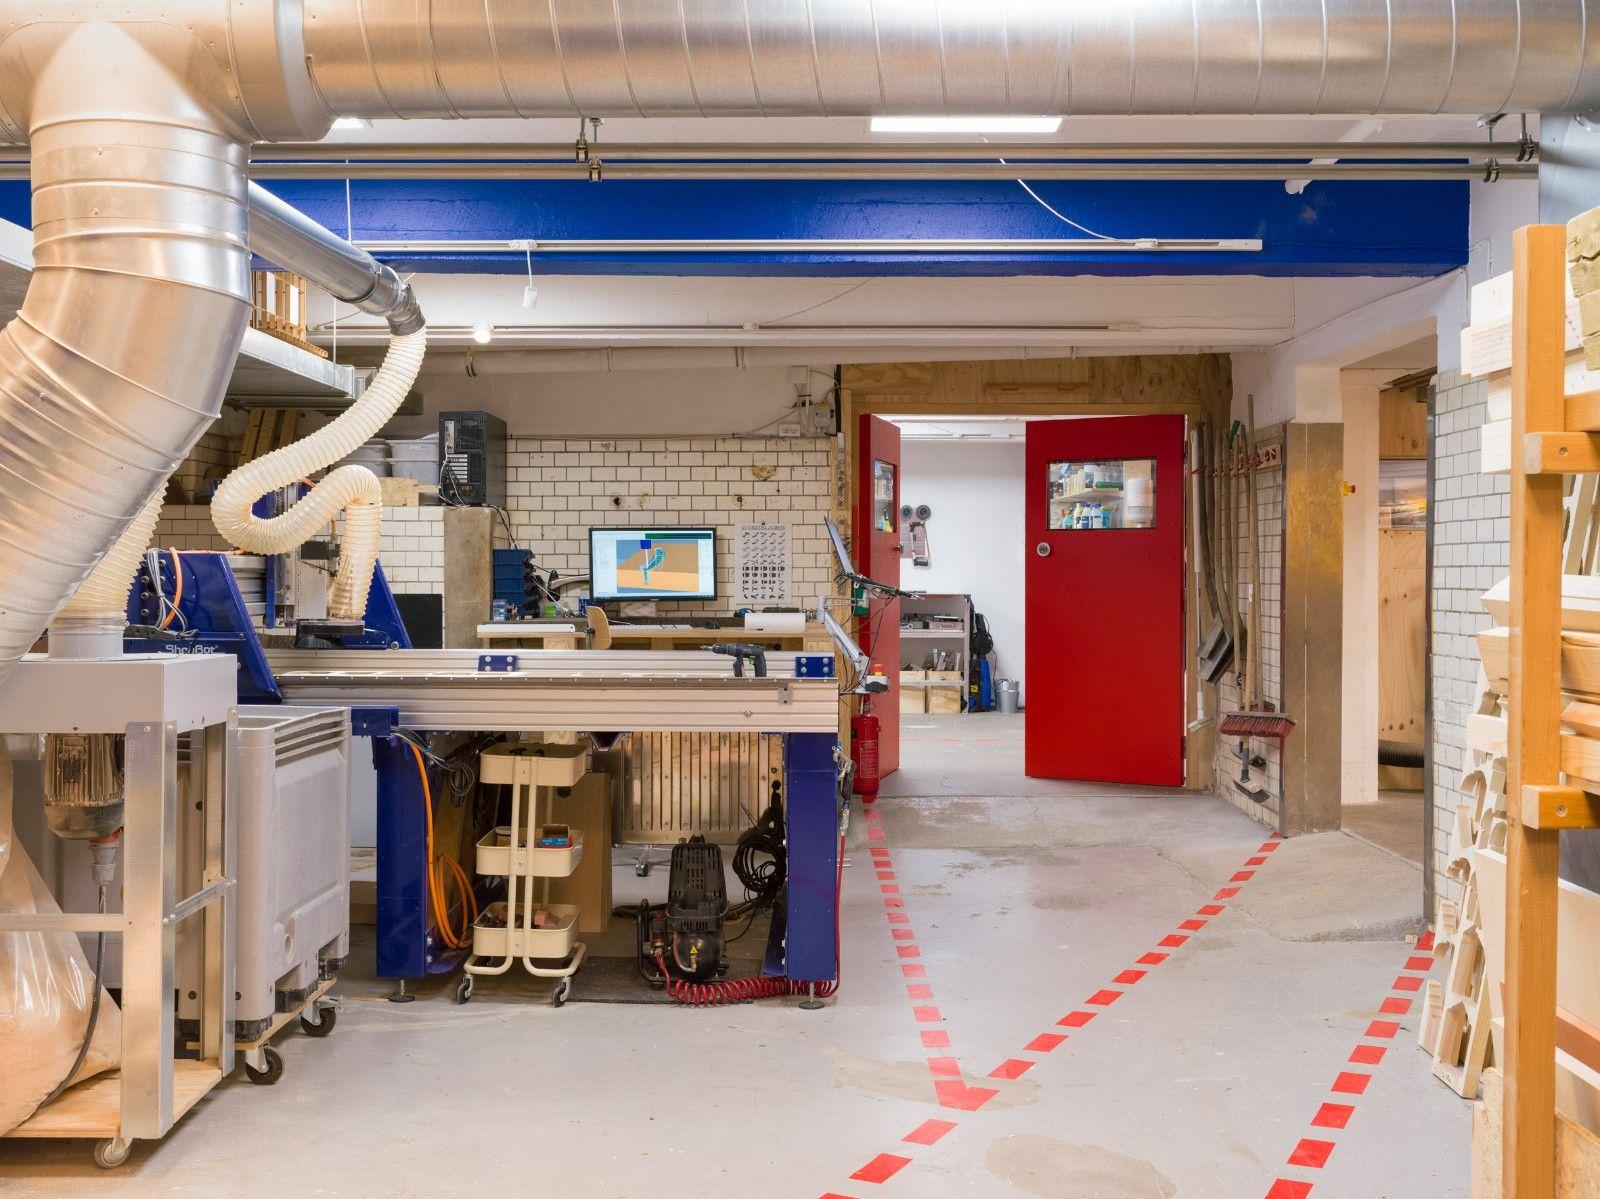 新作 | 丹麦:Spacon & X为Space10创建更灵活的工作空间